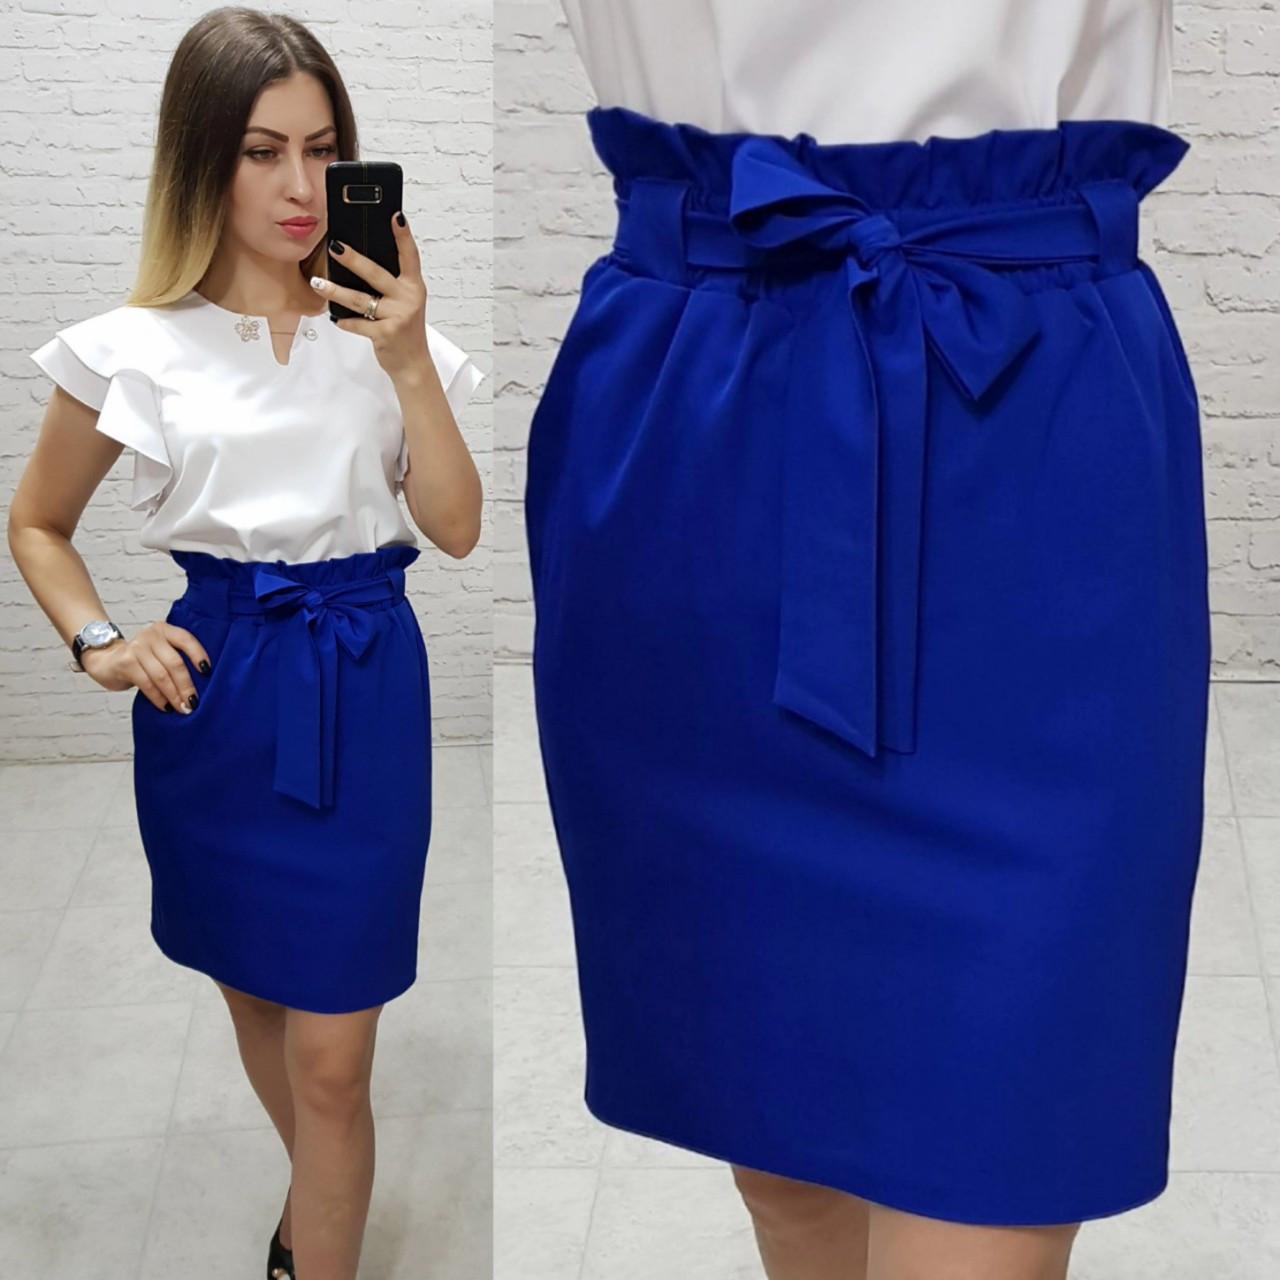 Купить синюю ткань на юбку кожаный шнур натуральный